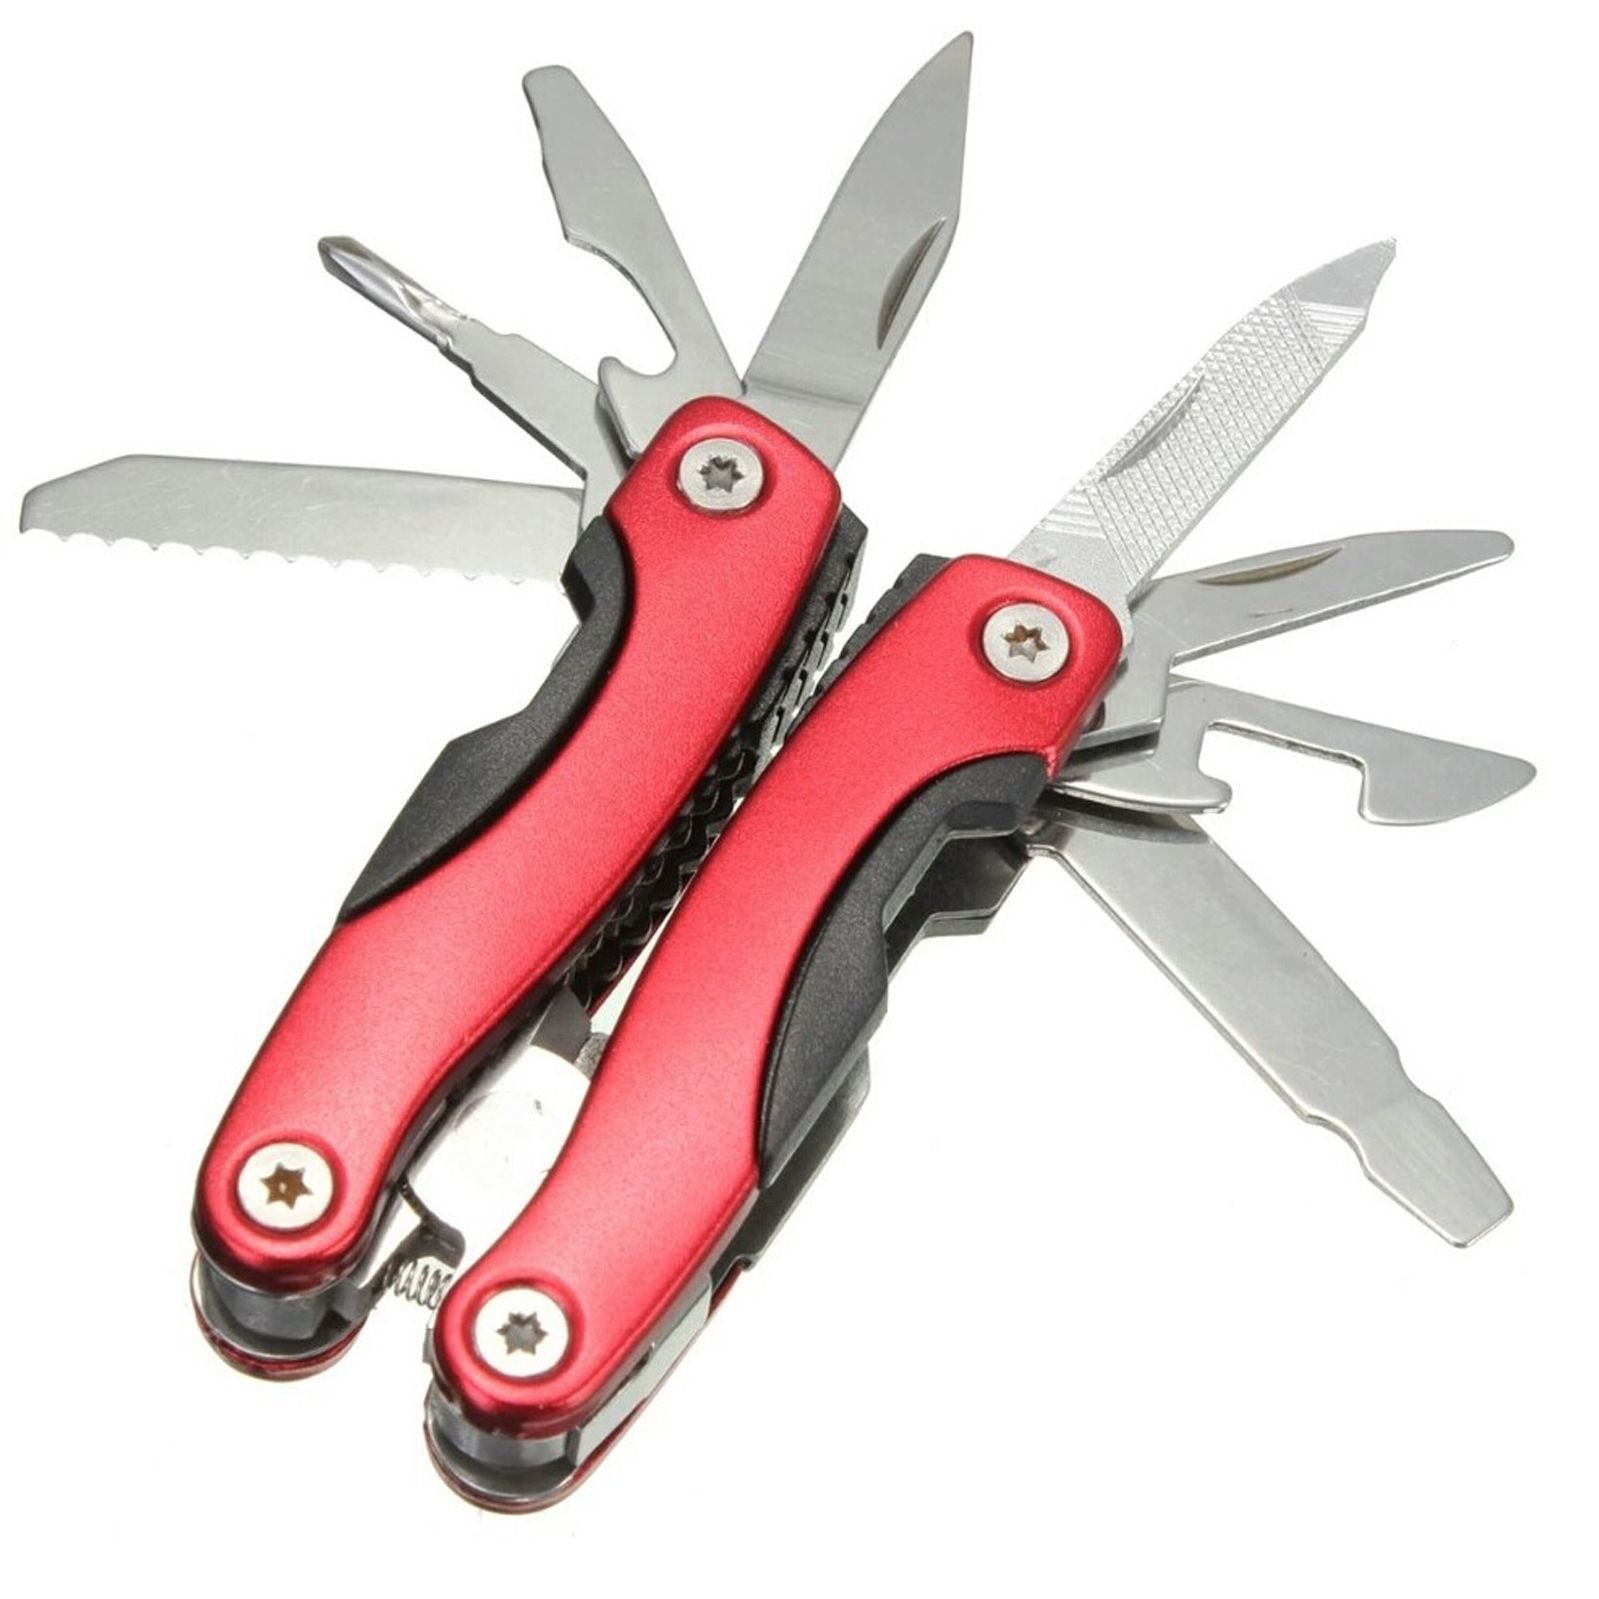 Jeeya 9 in 1 Use  amp; Fold Multi Utility Plie blue 9 Function Multi Utility Swiss Knife